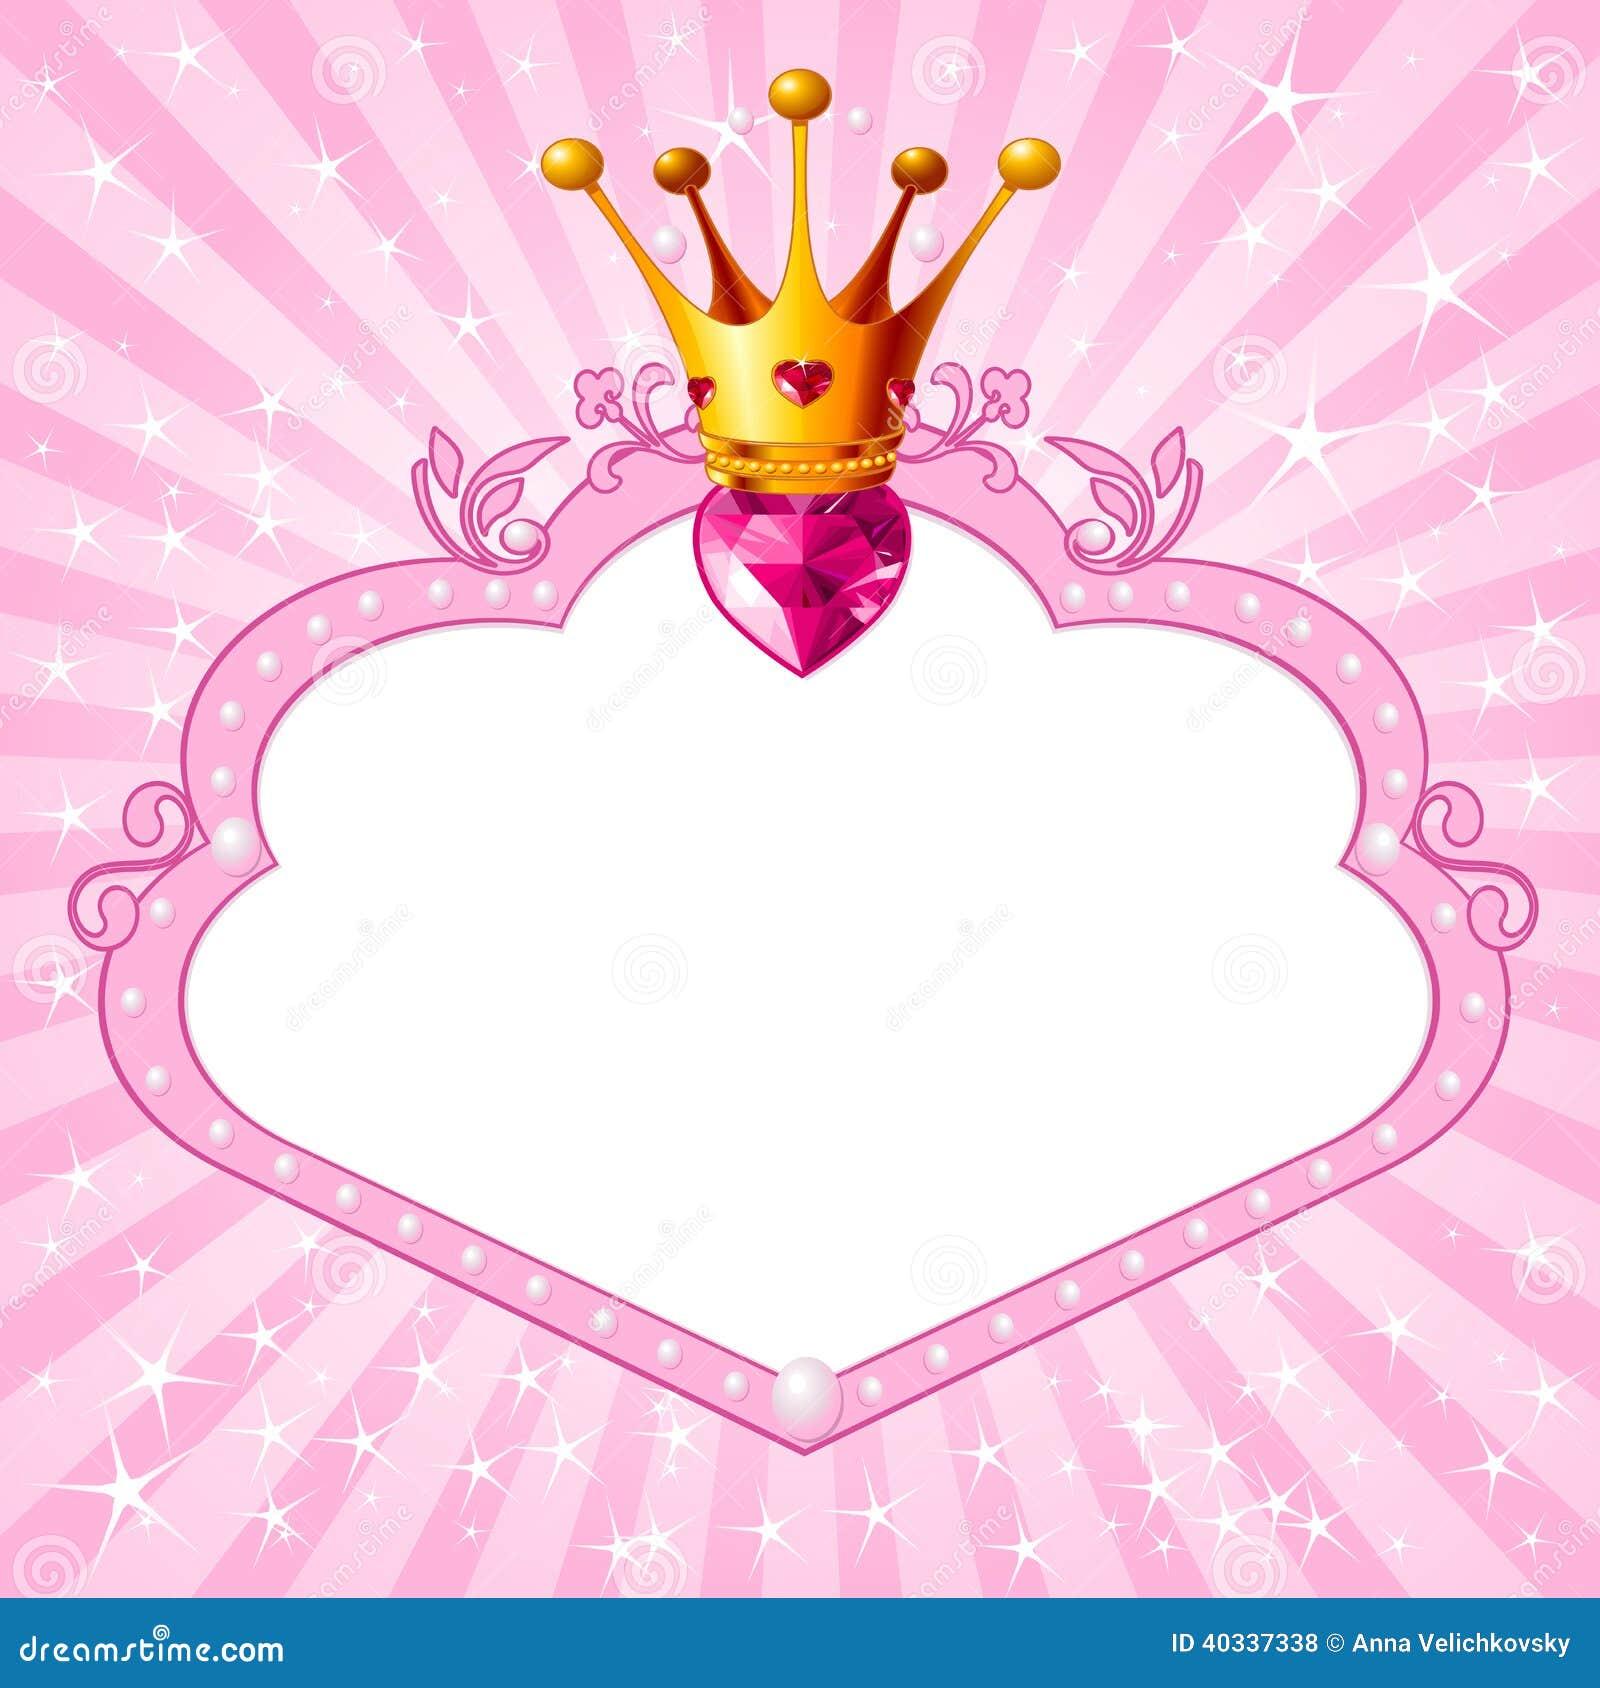 prinses roze kader vector illustratie beeld 40337338 princess crown vector free download princess crown vector free download